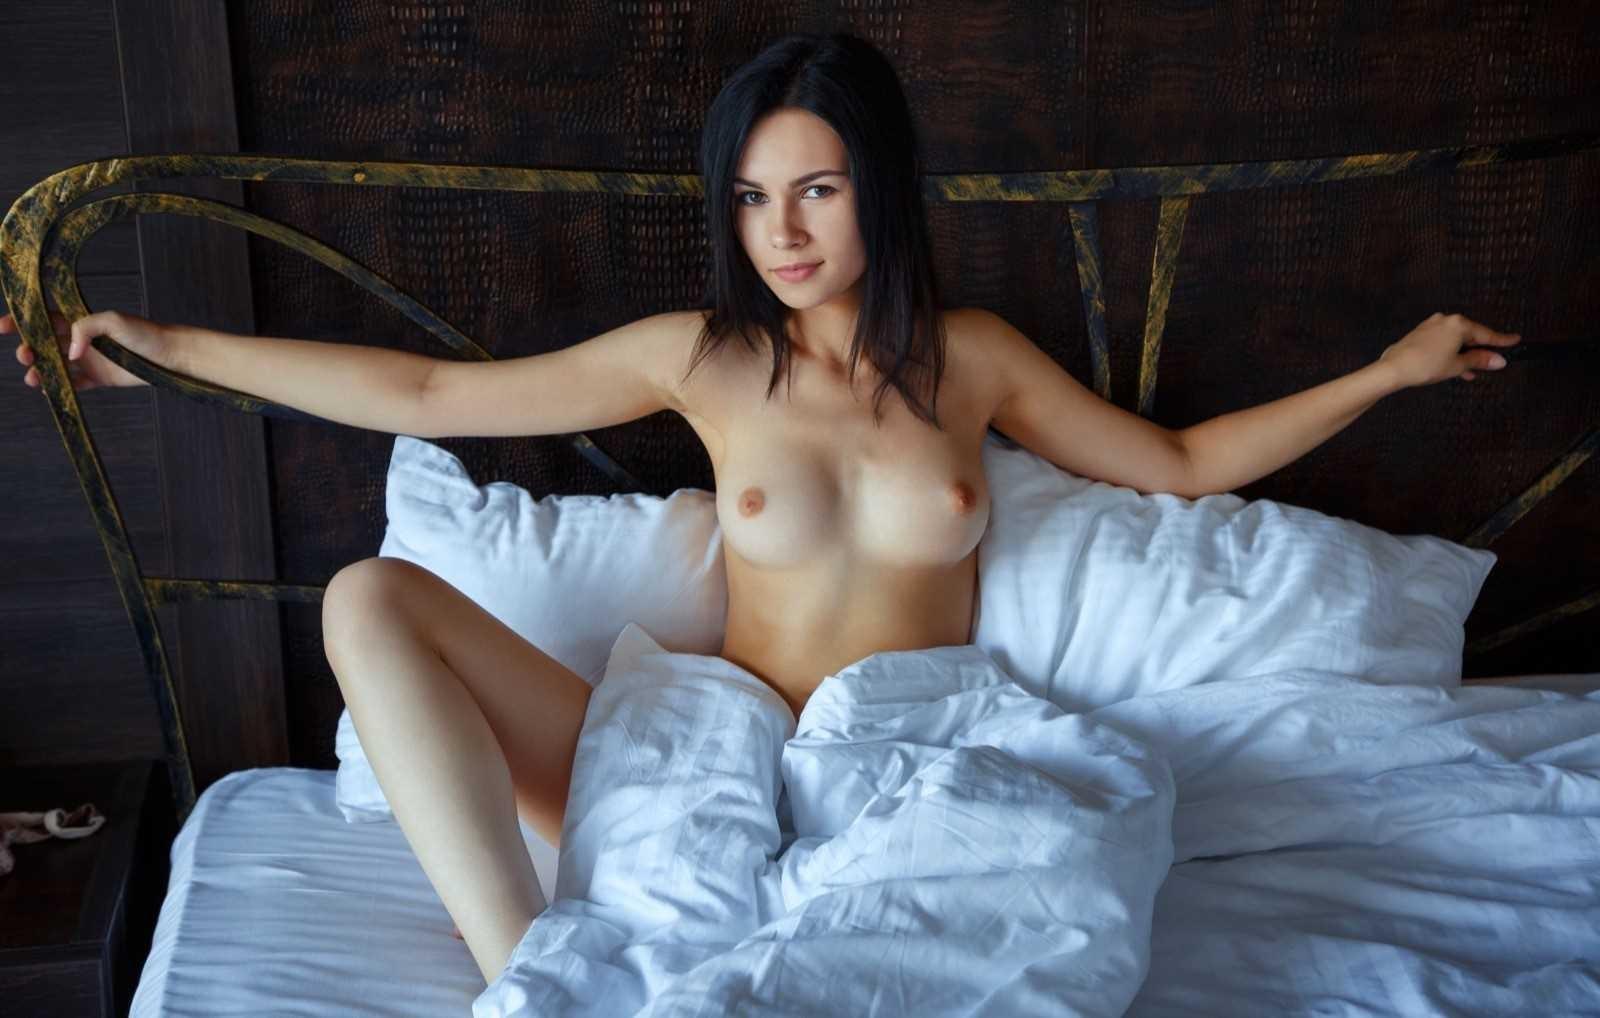 пожаловать фото развратных женщин в постели стал